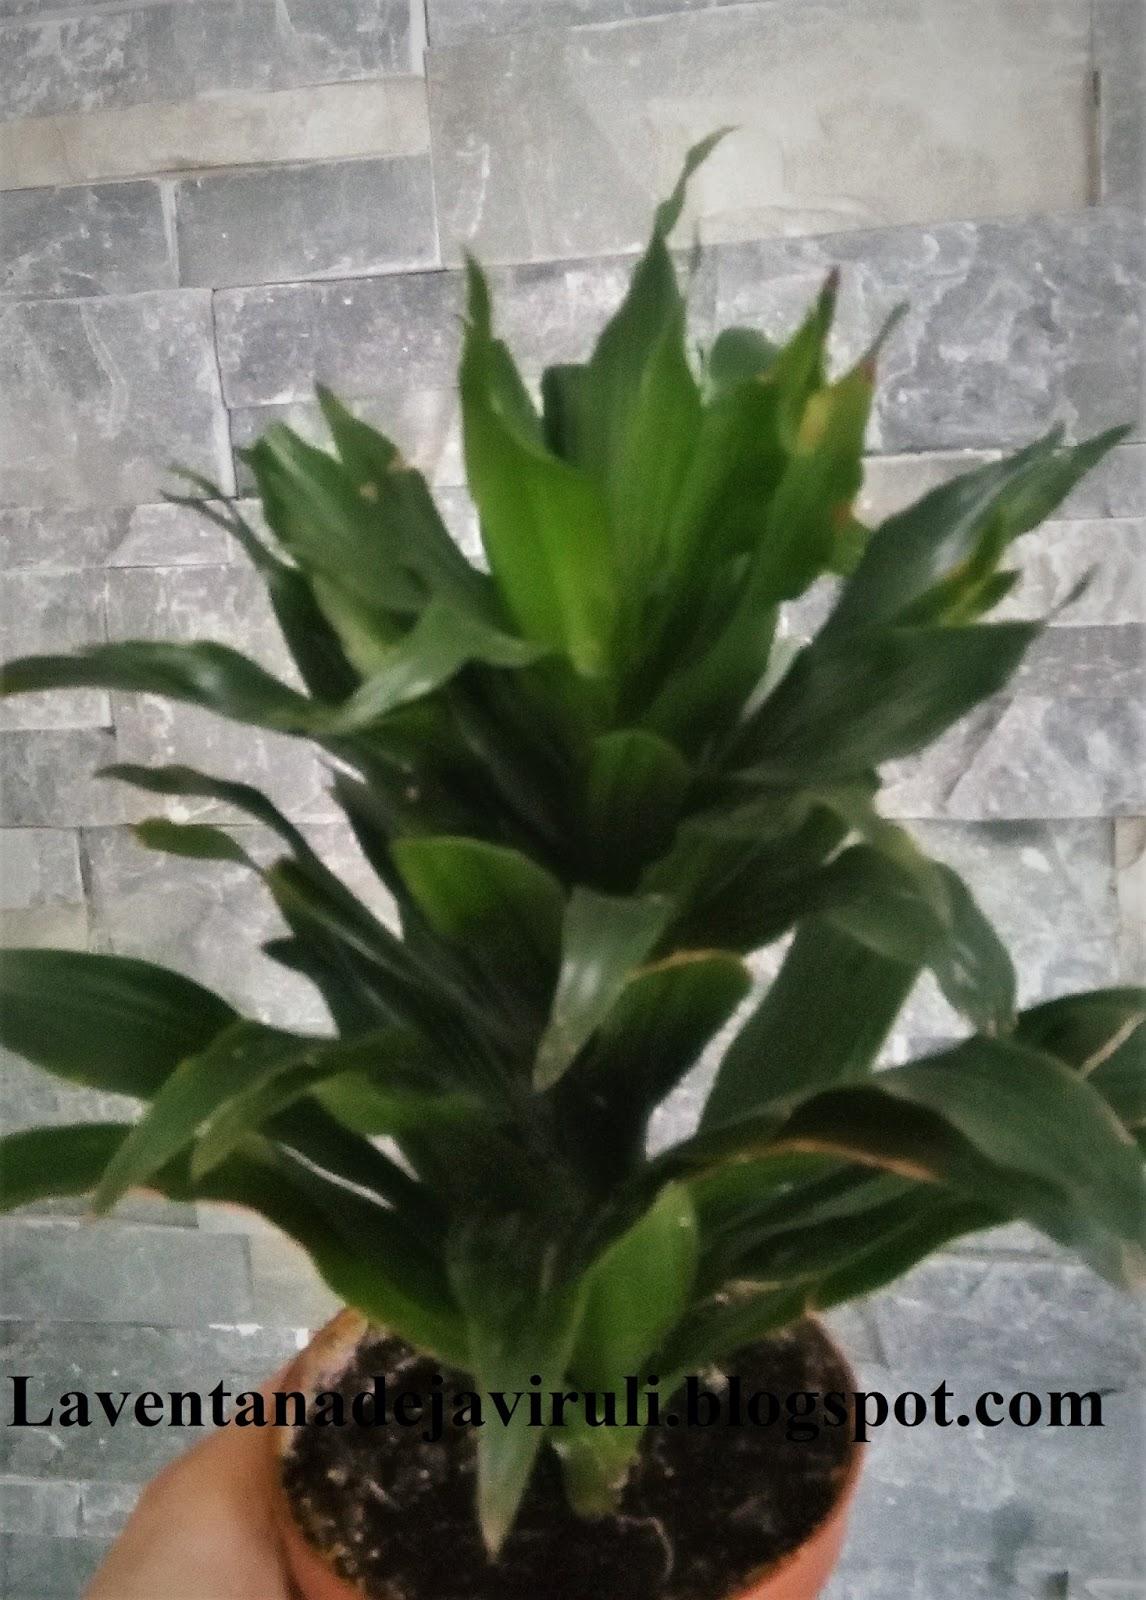 La ventana de javiruli plantas de interior 53 dracena for Plantas de interior duraderas